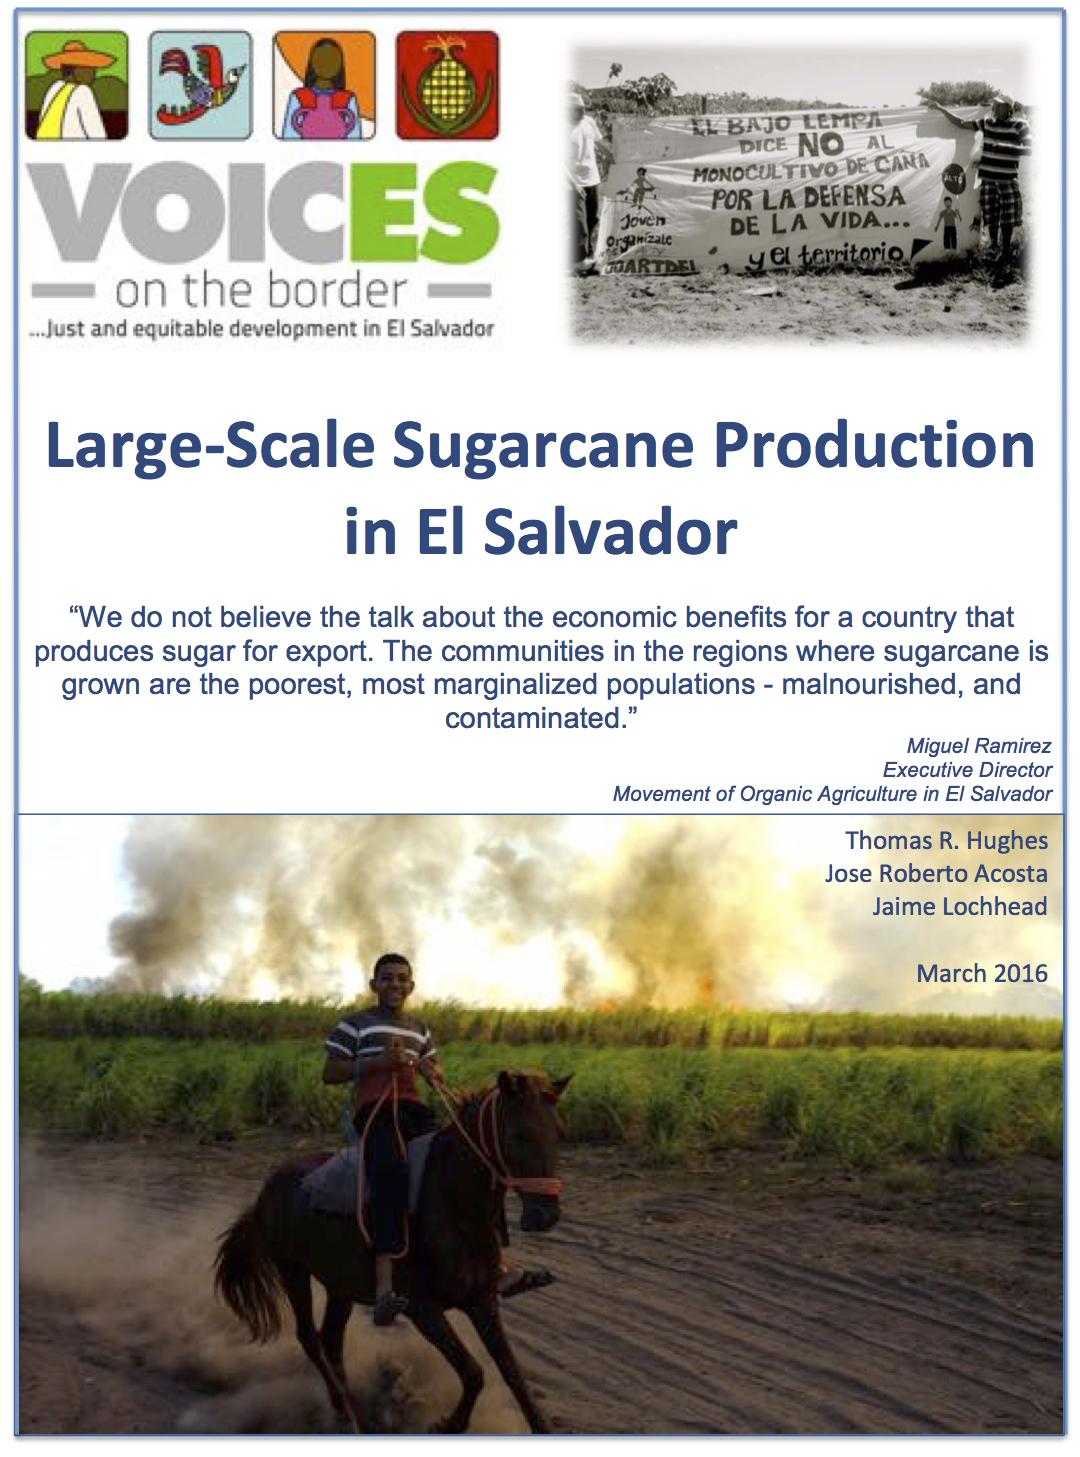 Sugarcane Report Image Eng